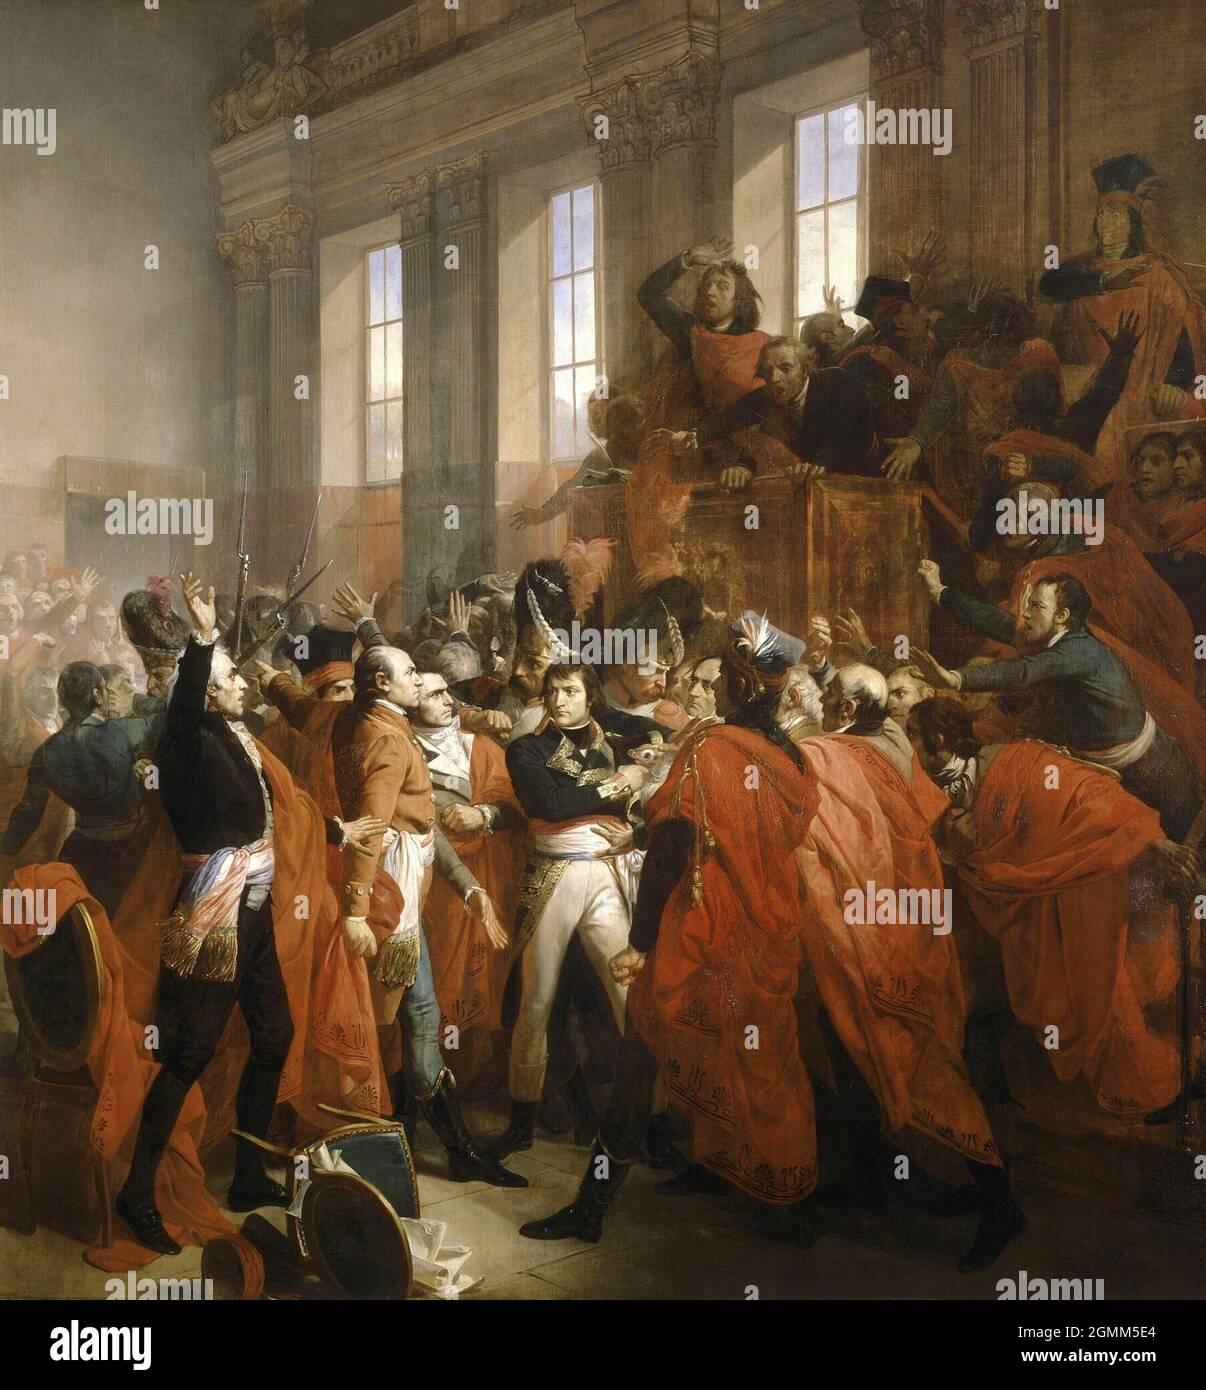 Generale Bonaparte nel Consiglio dei Cinquecento, a Saint-Cloud, 10 novembre 1799, da Francesco Bouchot Foto Stock